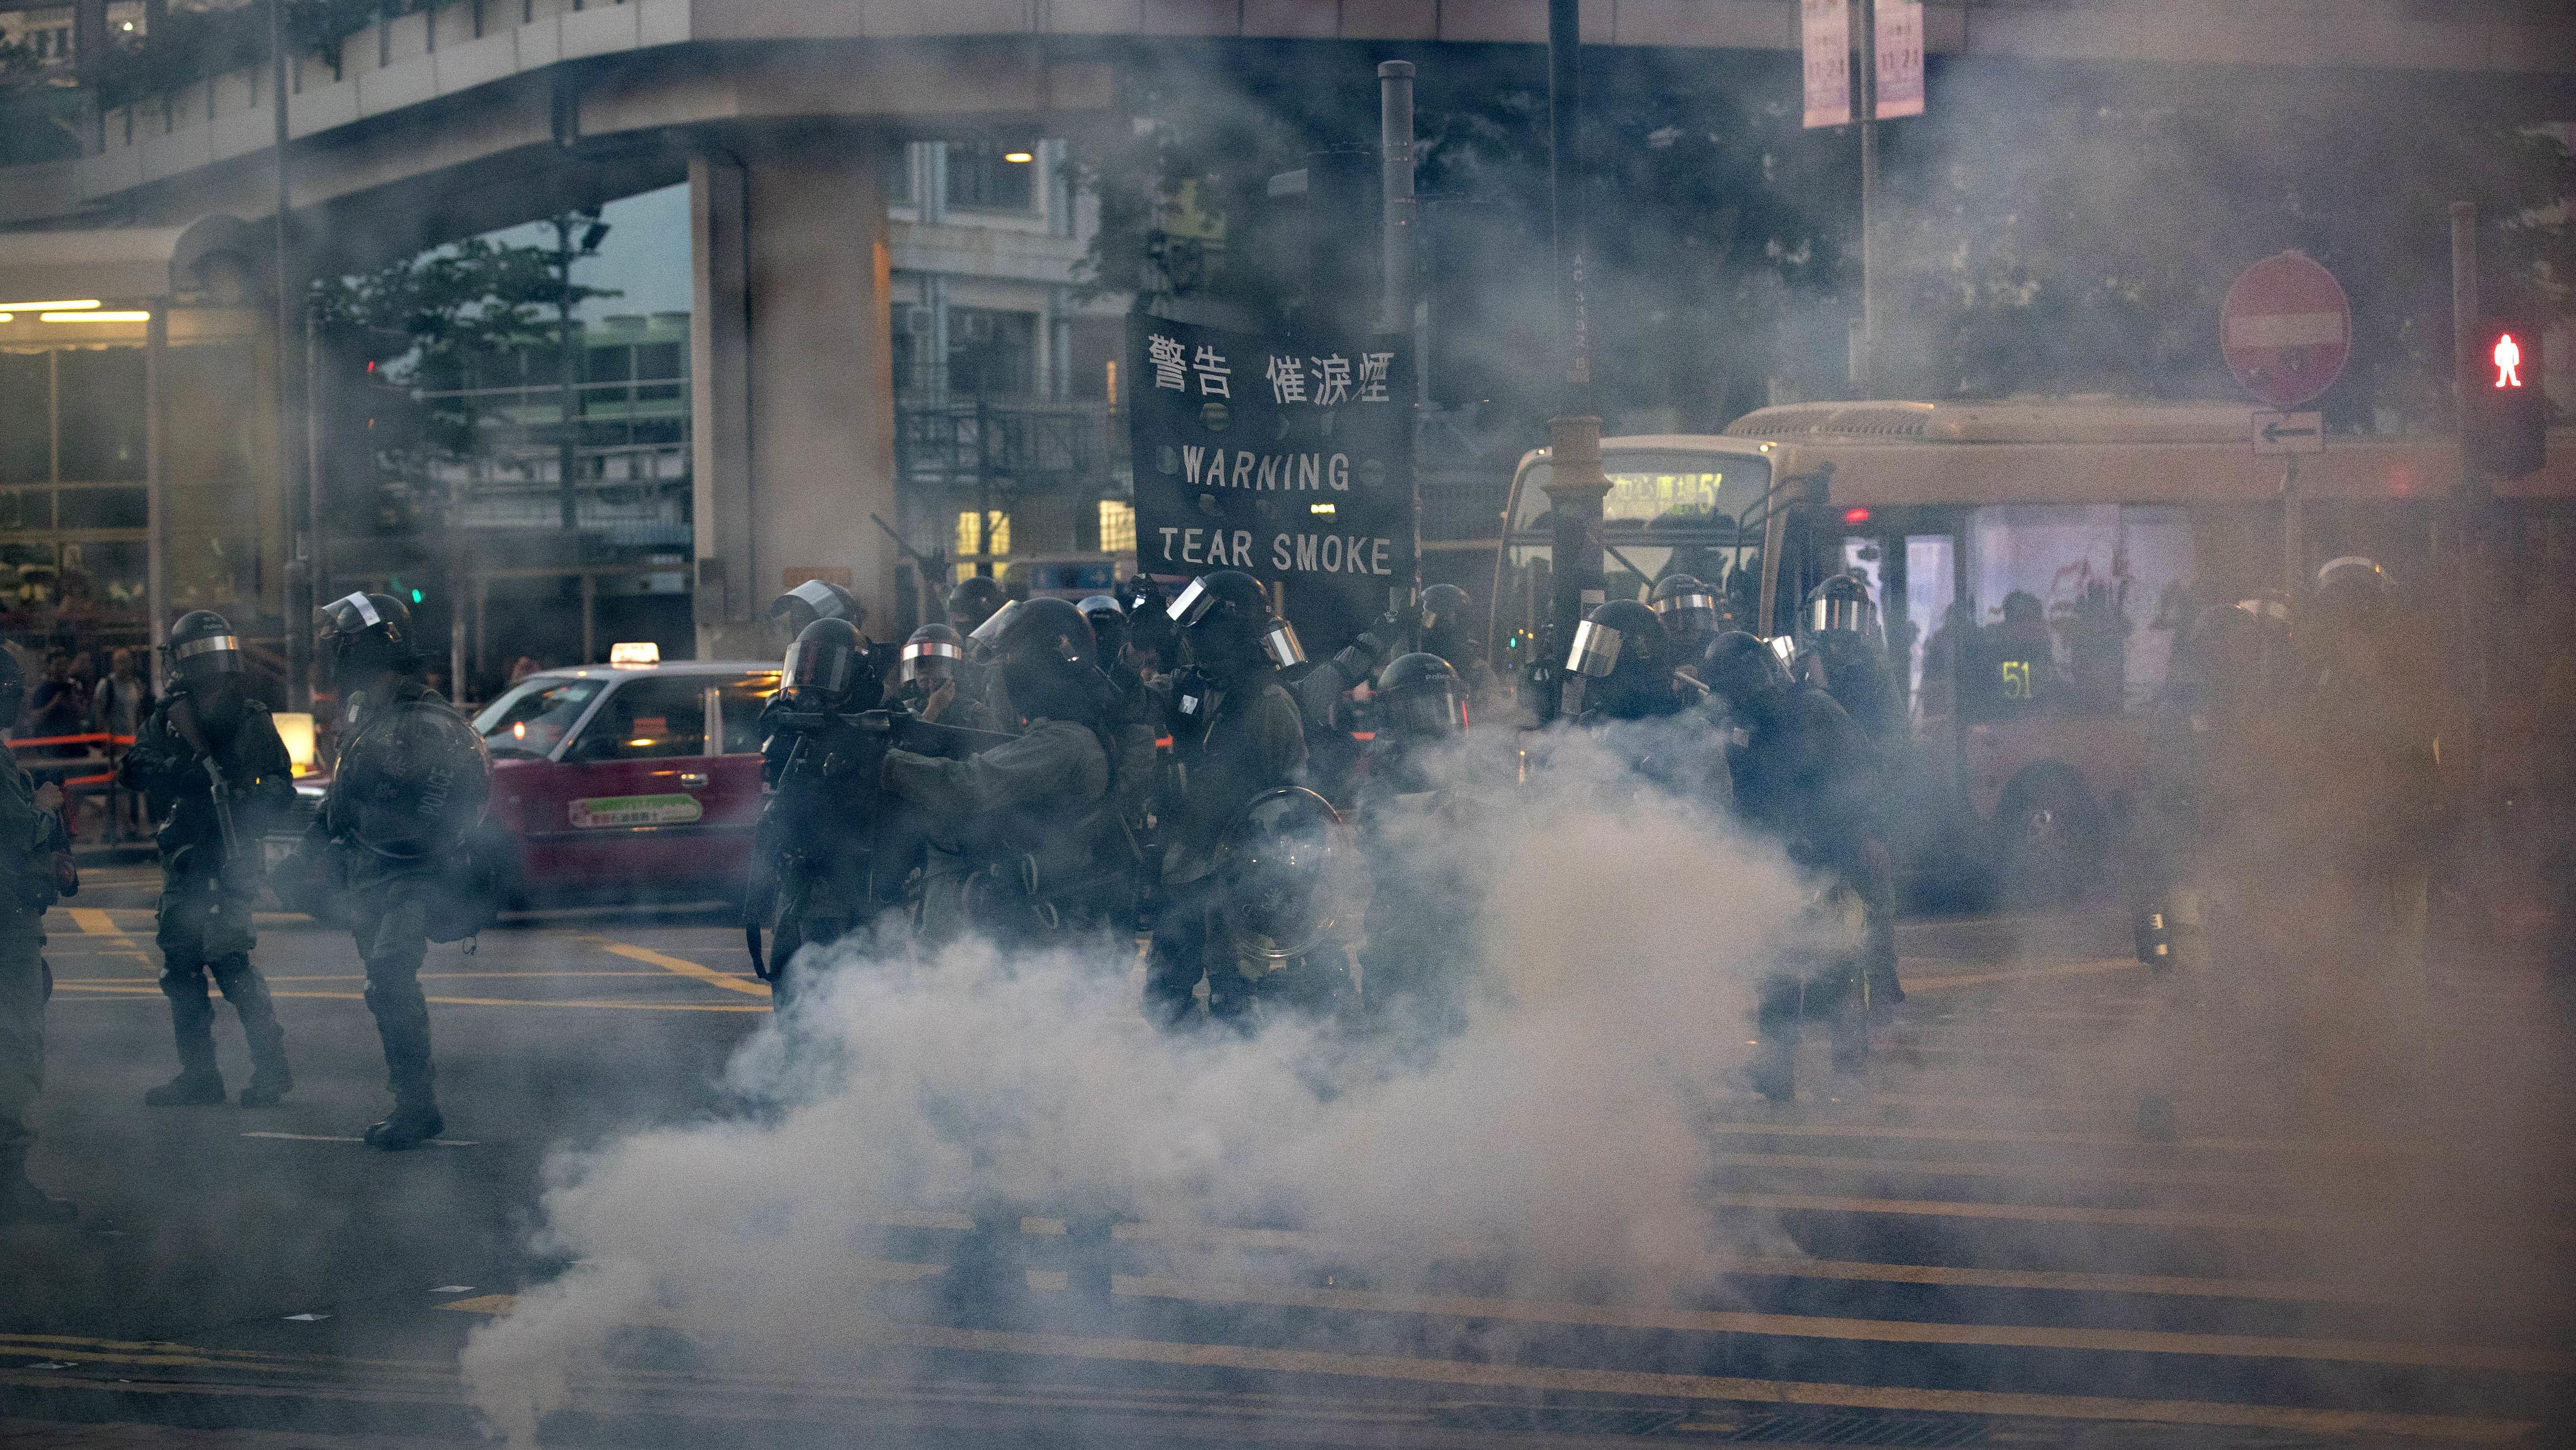 Tränengas, Brandsätze, Pfeile - erneut eskalieren die Proteste in Hongkong.